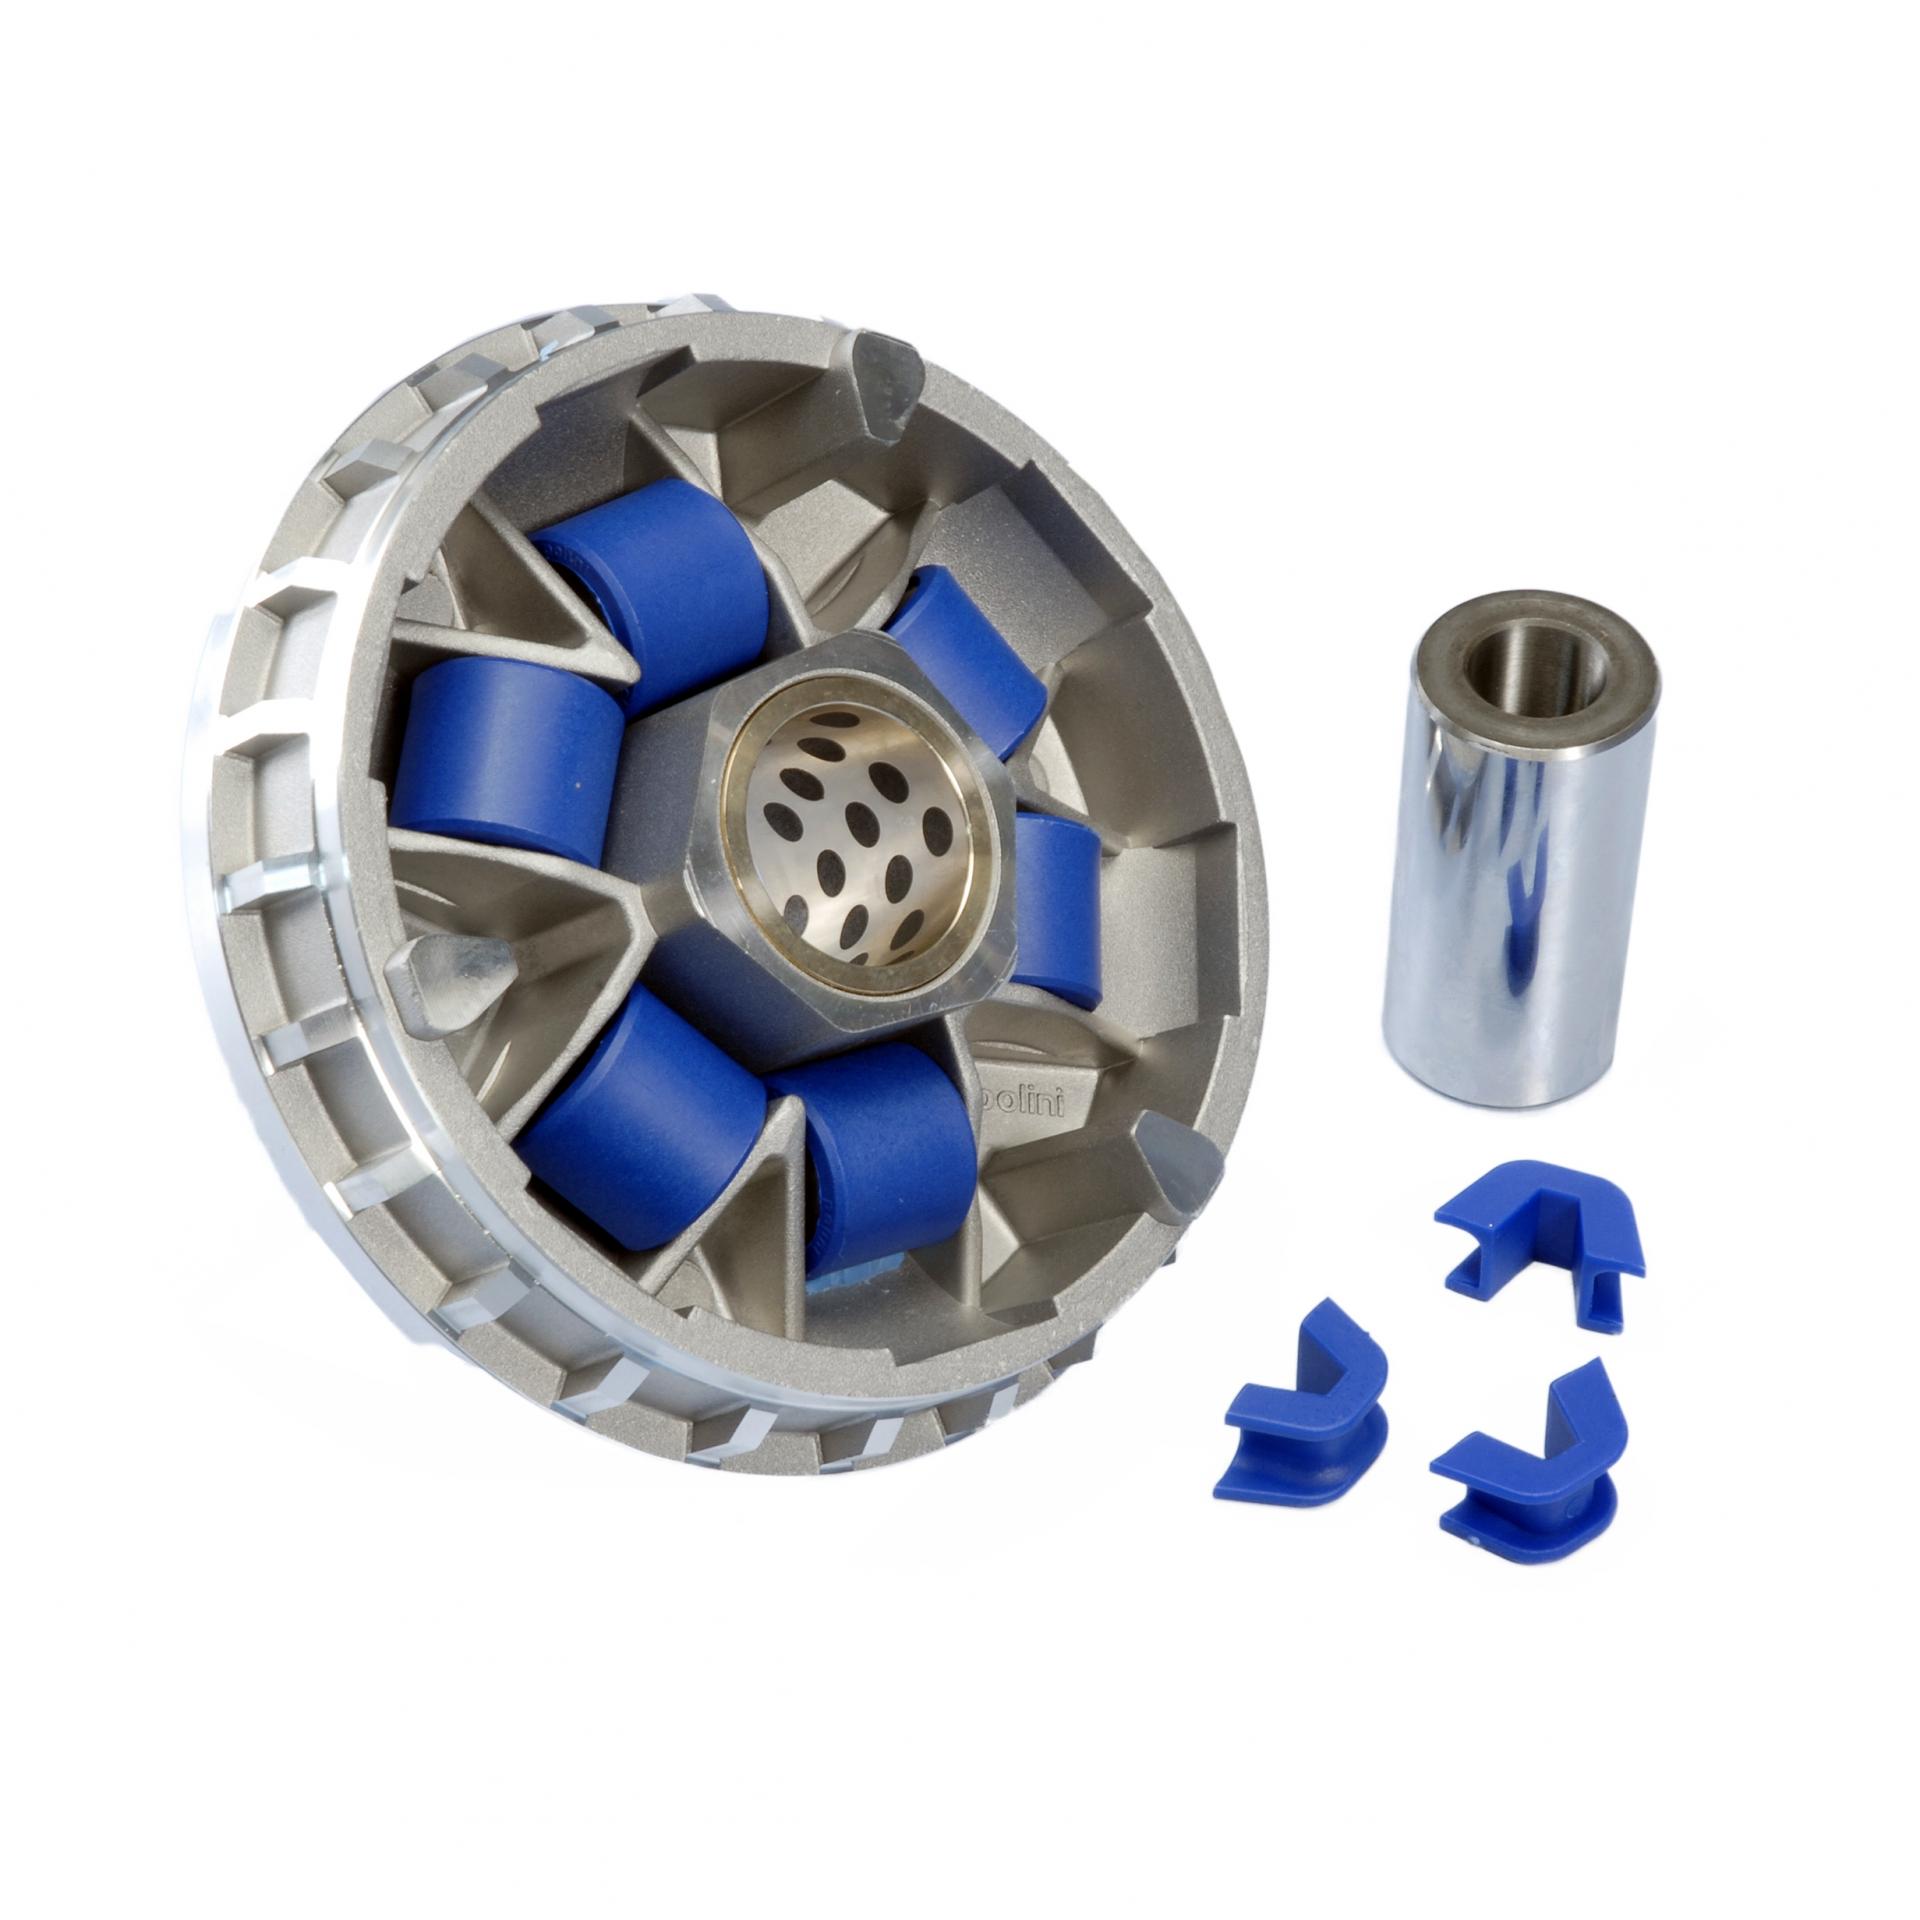 Variateur polini maxi-speed sym gts 250 joymax, rv 250